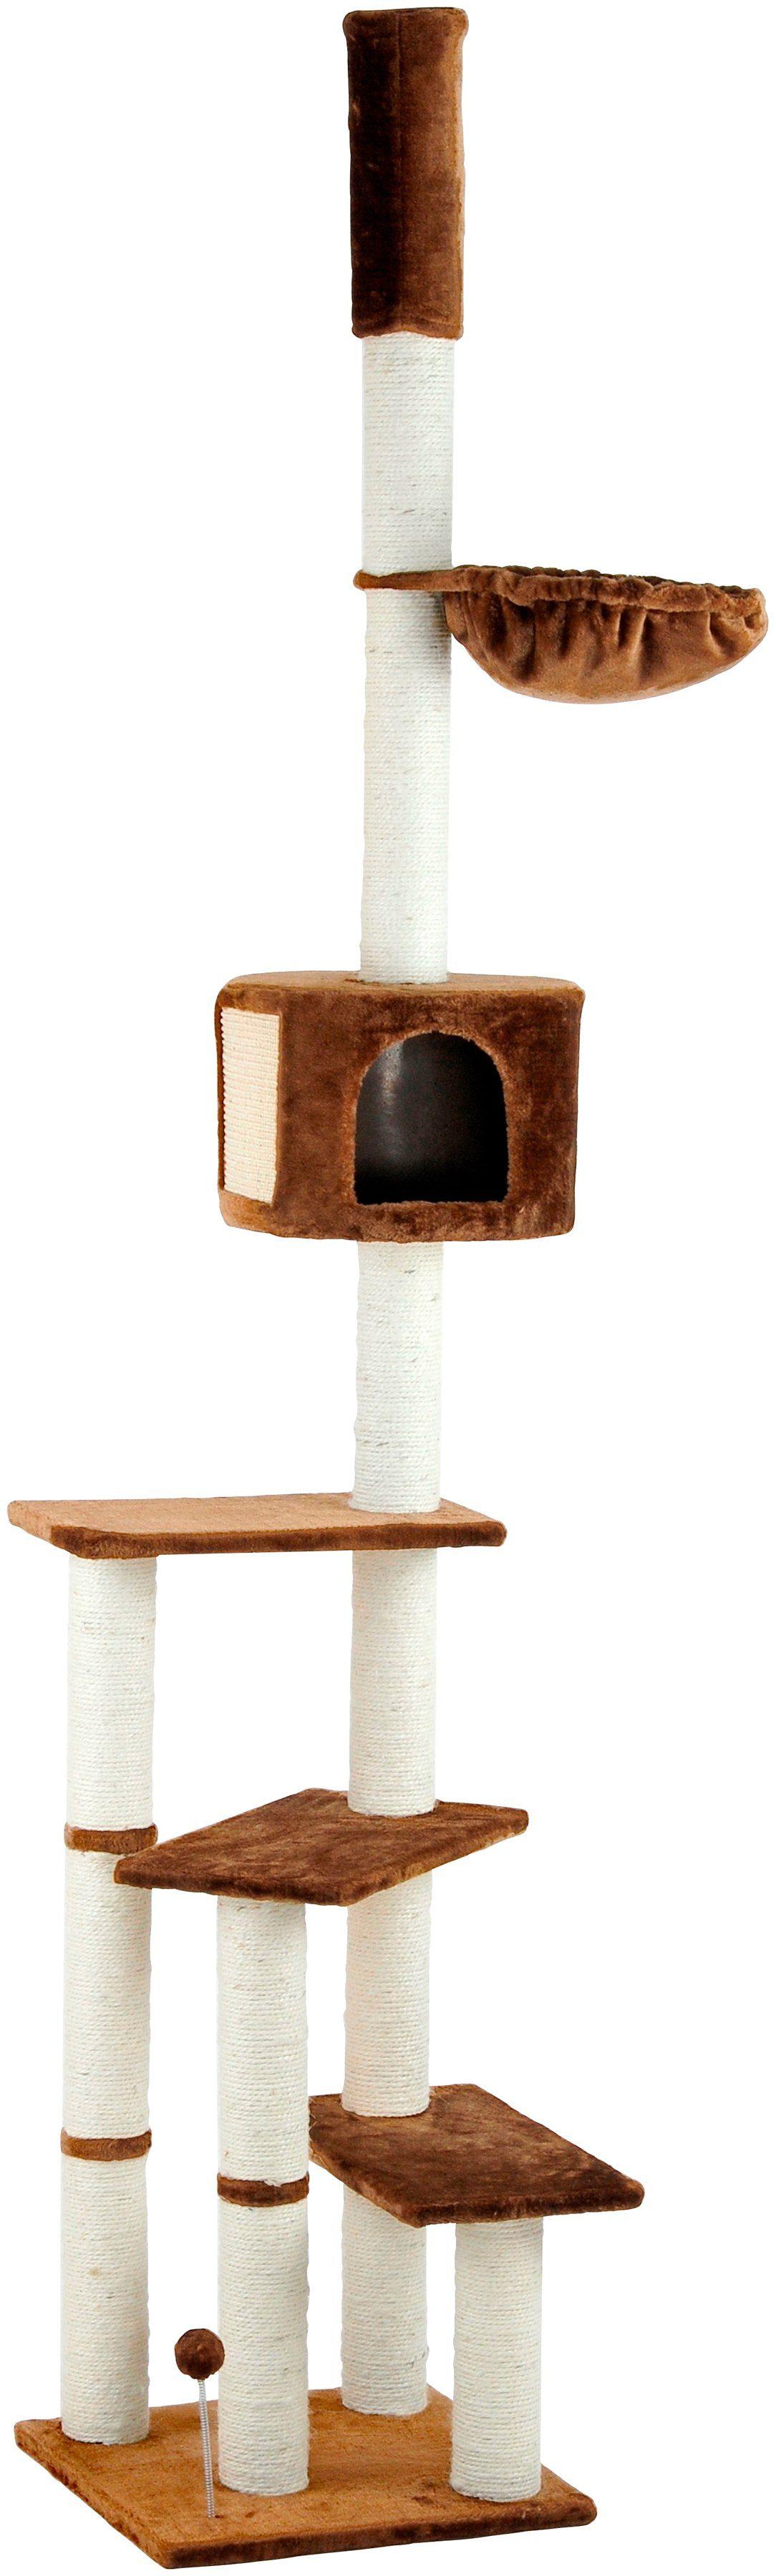 SILVIO DESIGN Kratzbaum-Deckenspanner »Kitty«, B/T/H: 45/45/240-260 cm, braun